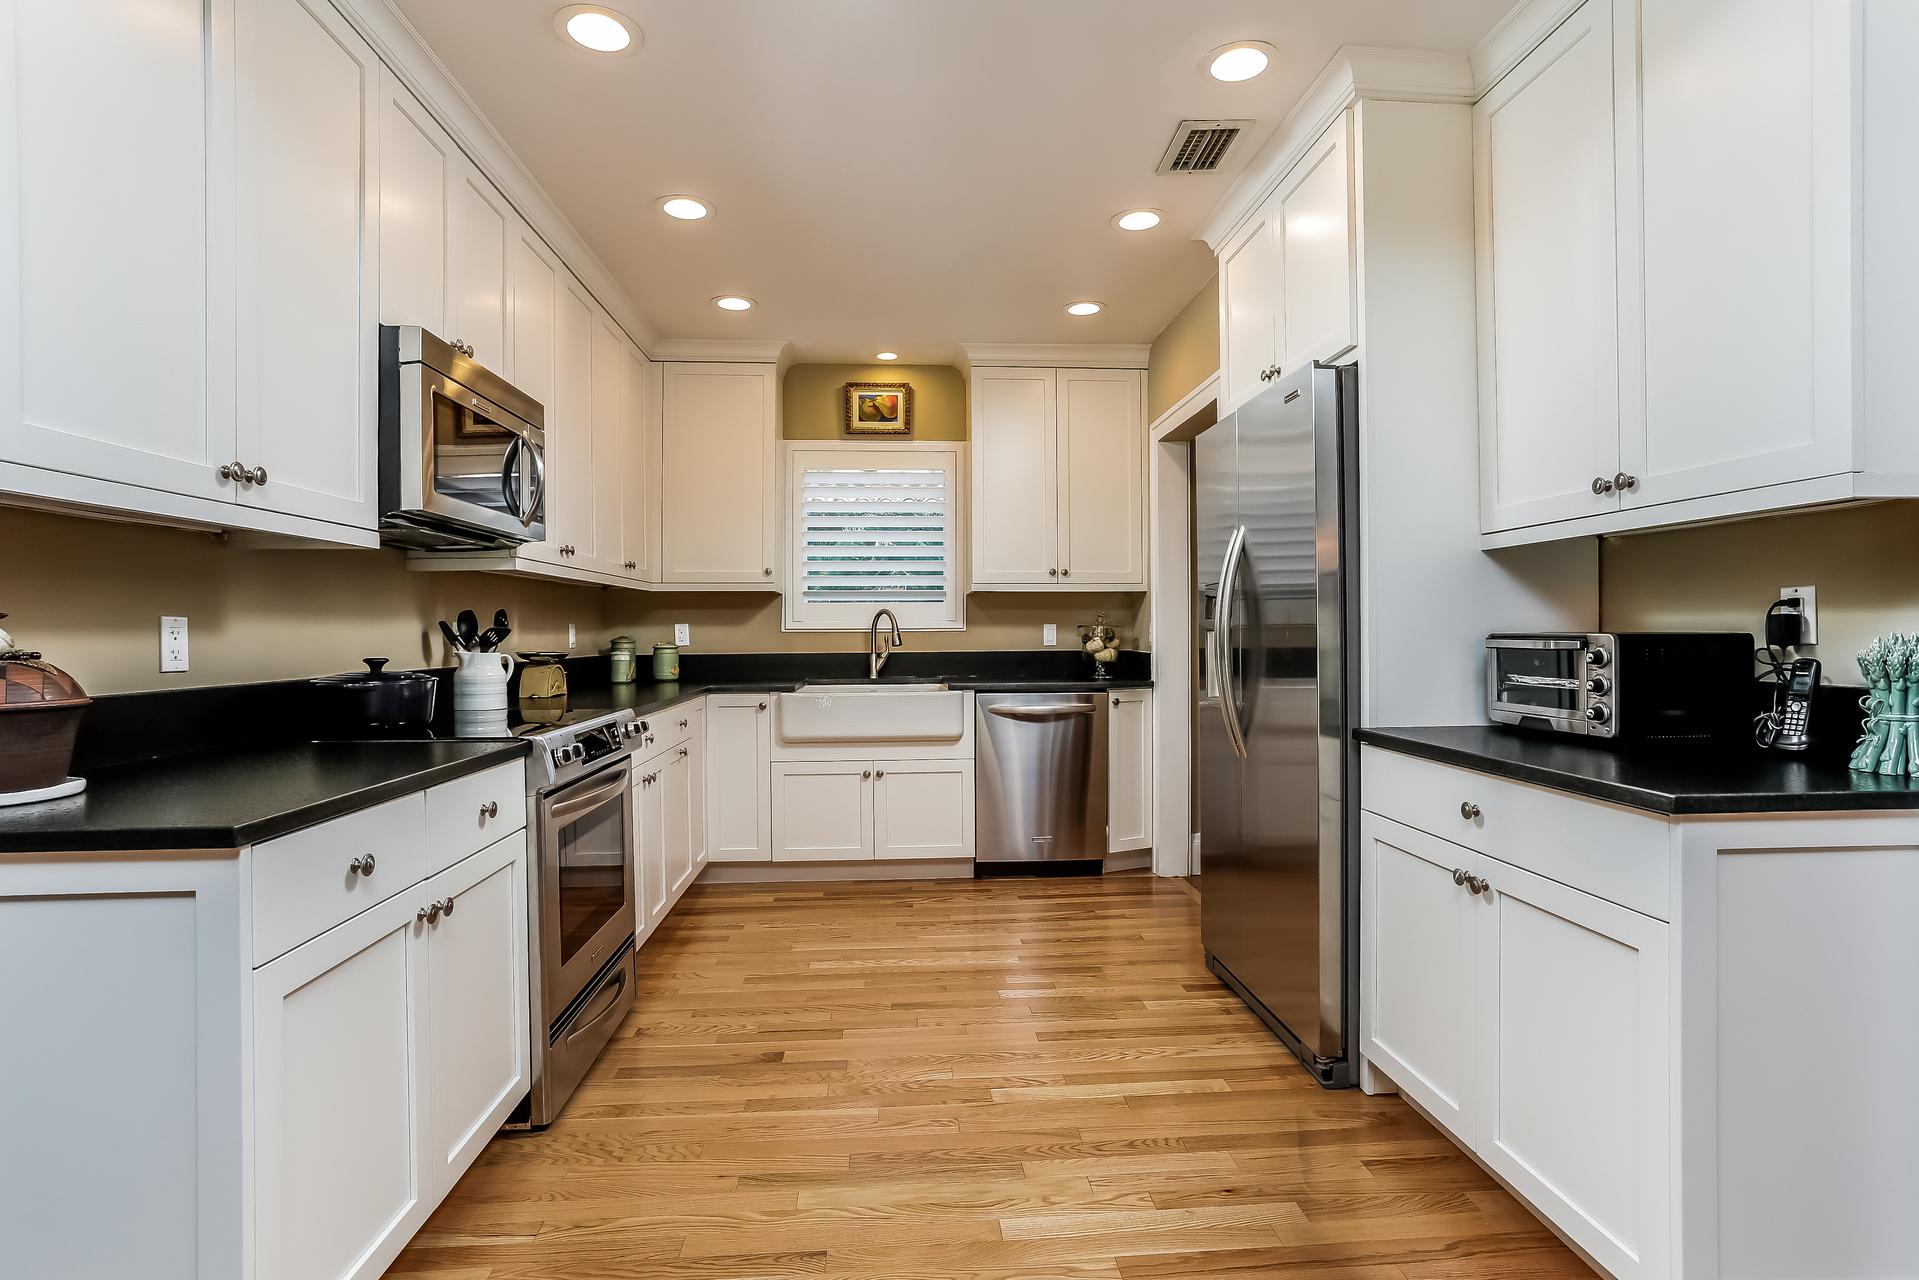 014-Kitchen-2647606-medium.jpg